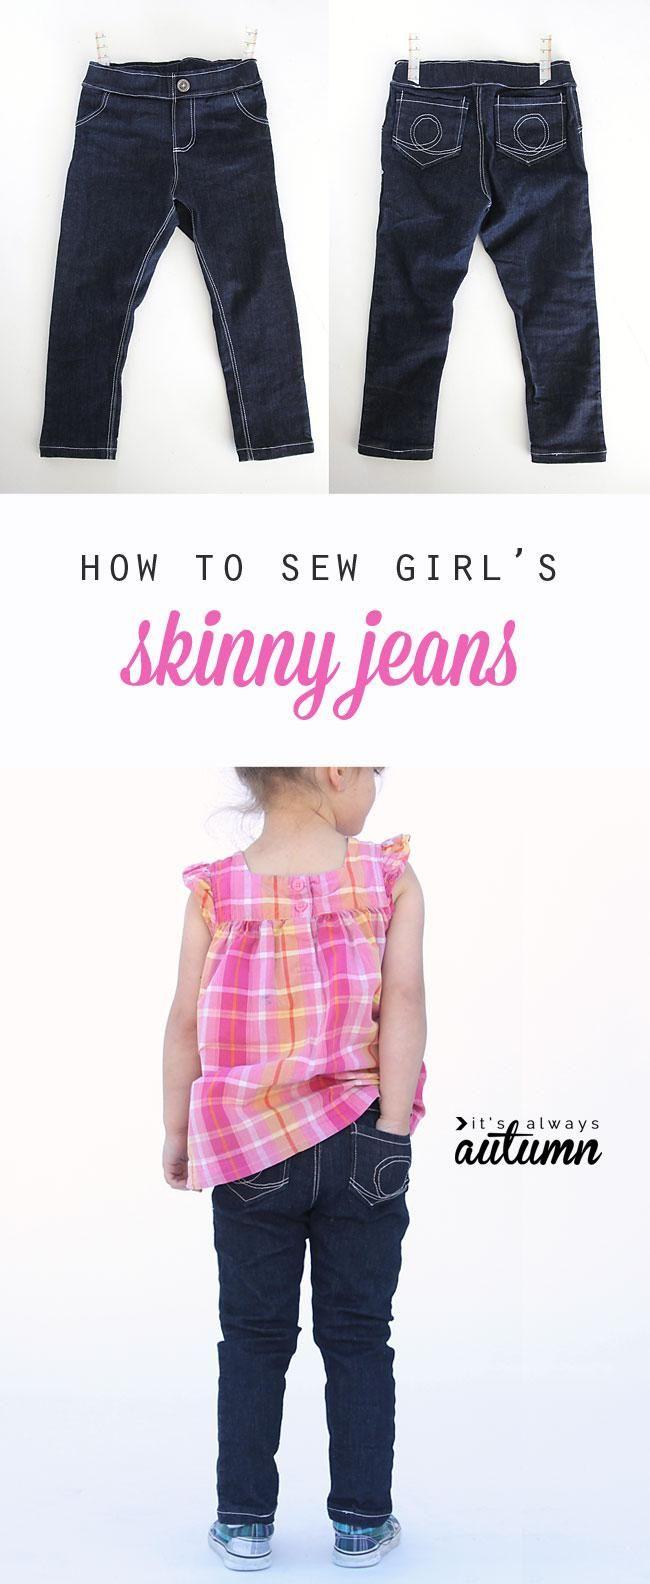 178 besten Children Fashion & DIY Bilder auf Pinterest | Kostenlos ...